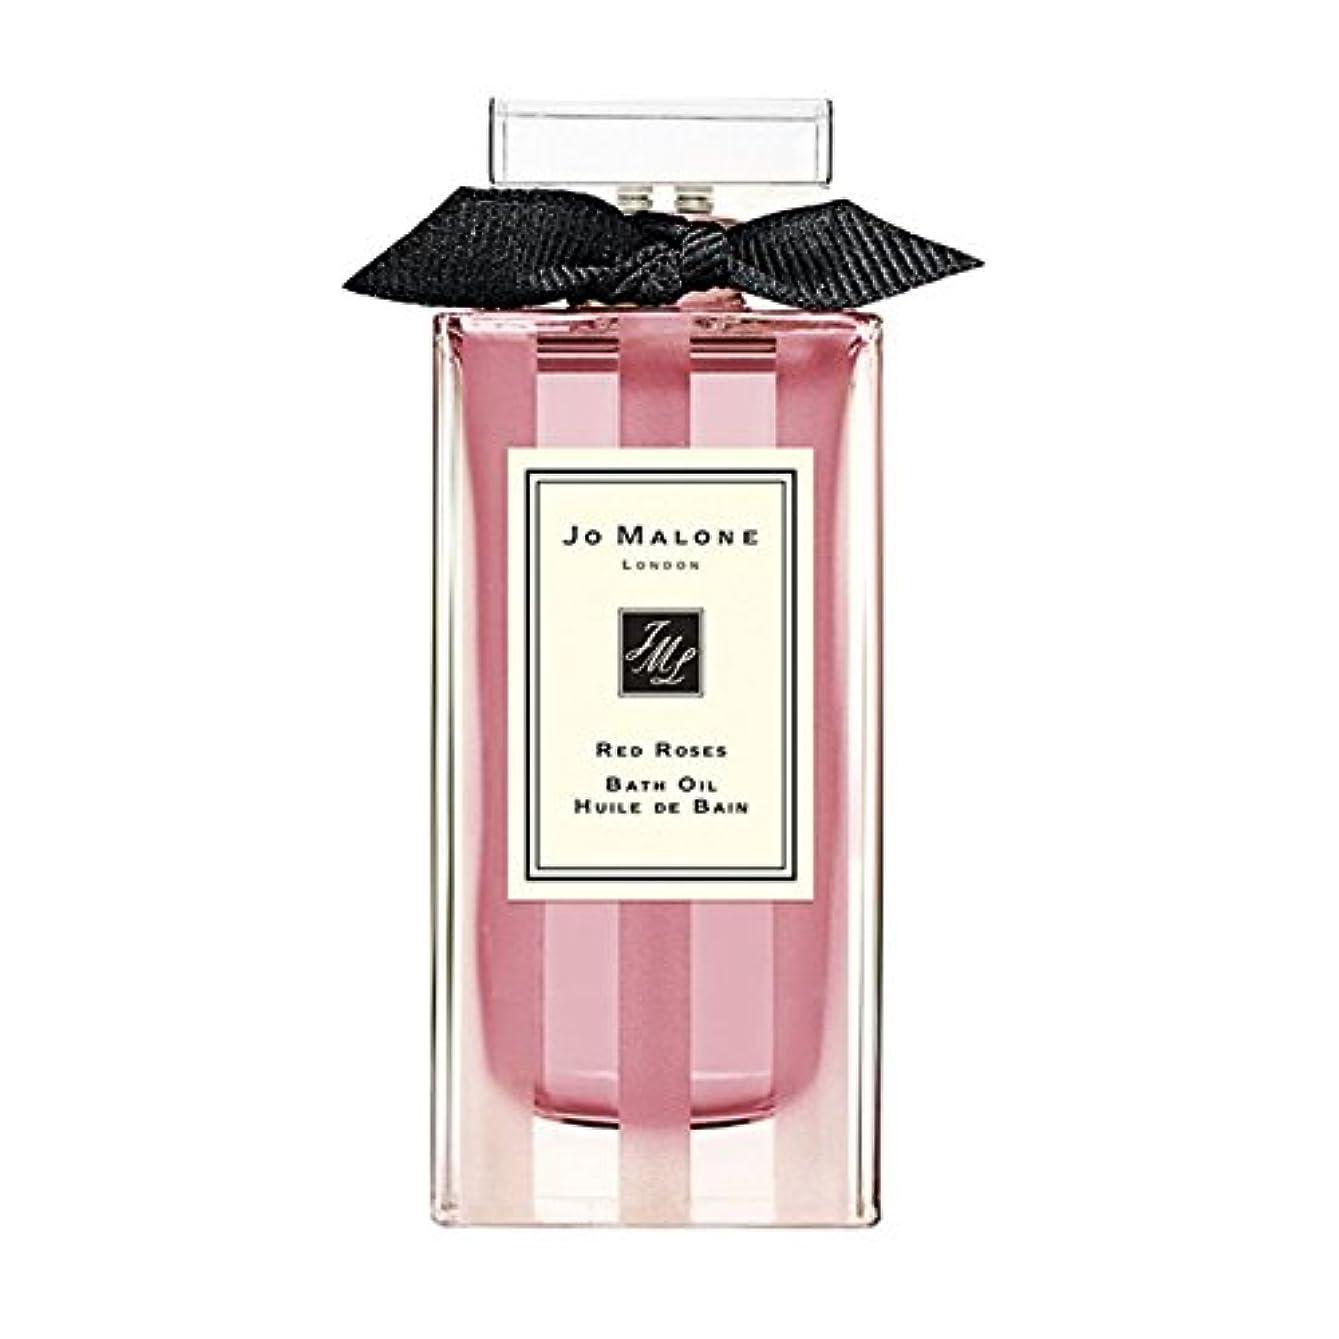 潜水艦運命的なシニスJo Maloneジョーマローン, バスオイル - 赤いバラ (30ml)  'Red Roses' Bath Oil (1oz) [海外直送品] [並行輸入品]